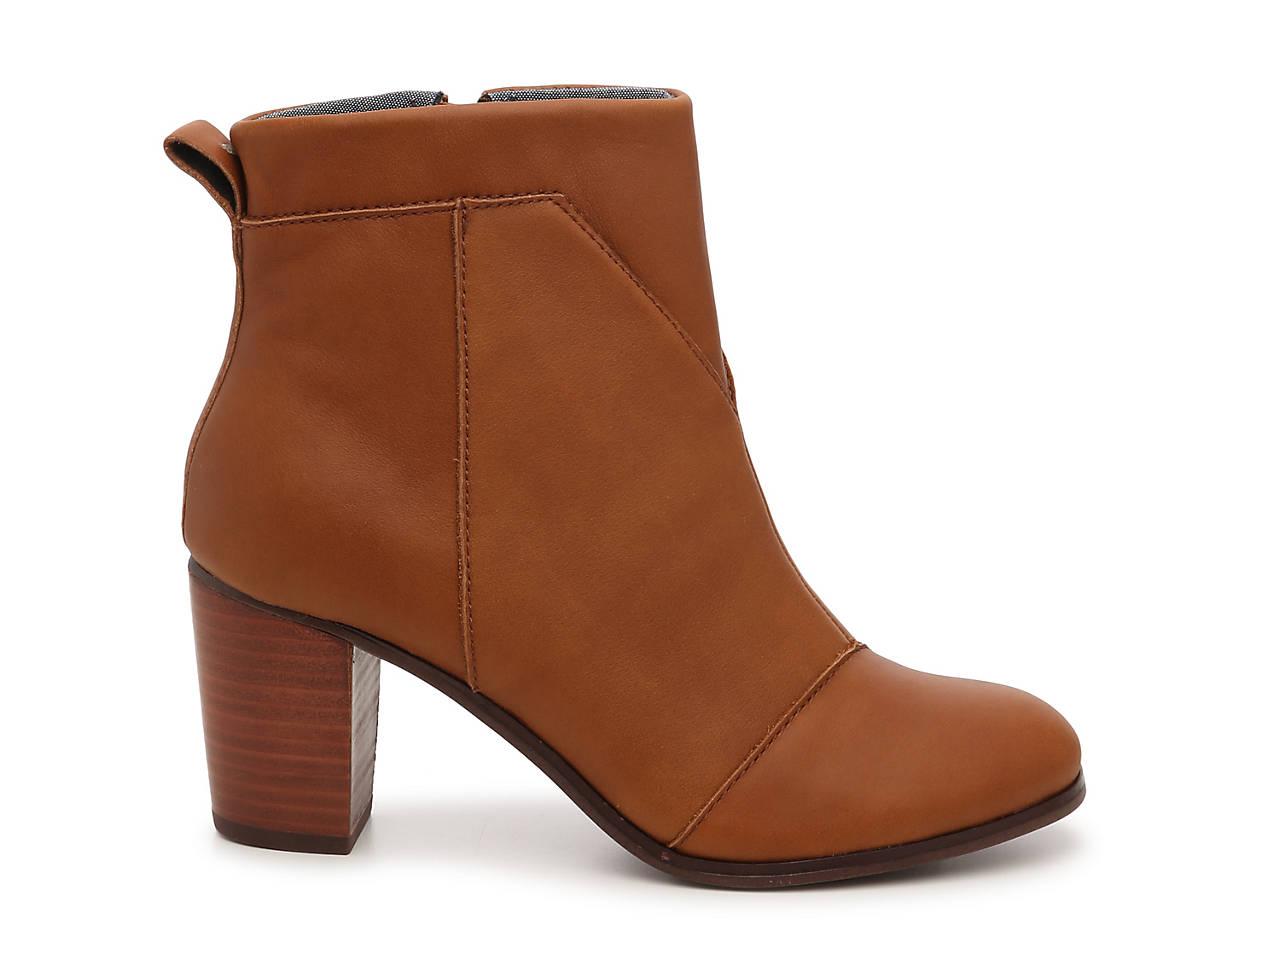 90c417e2eeb TOMS Lunata Bootie Women s Shoes